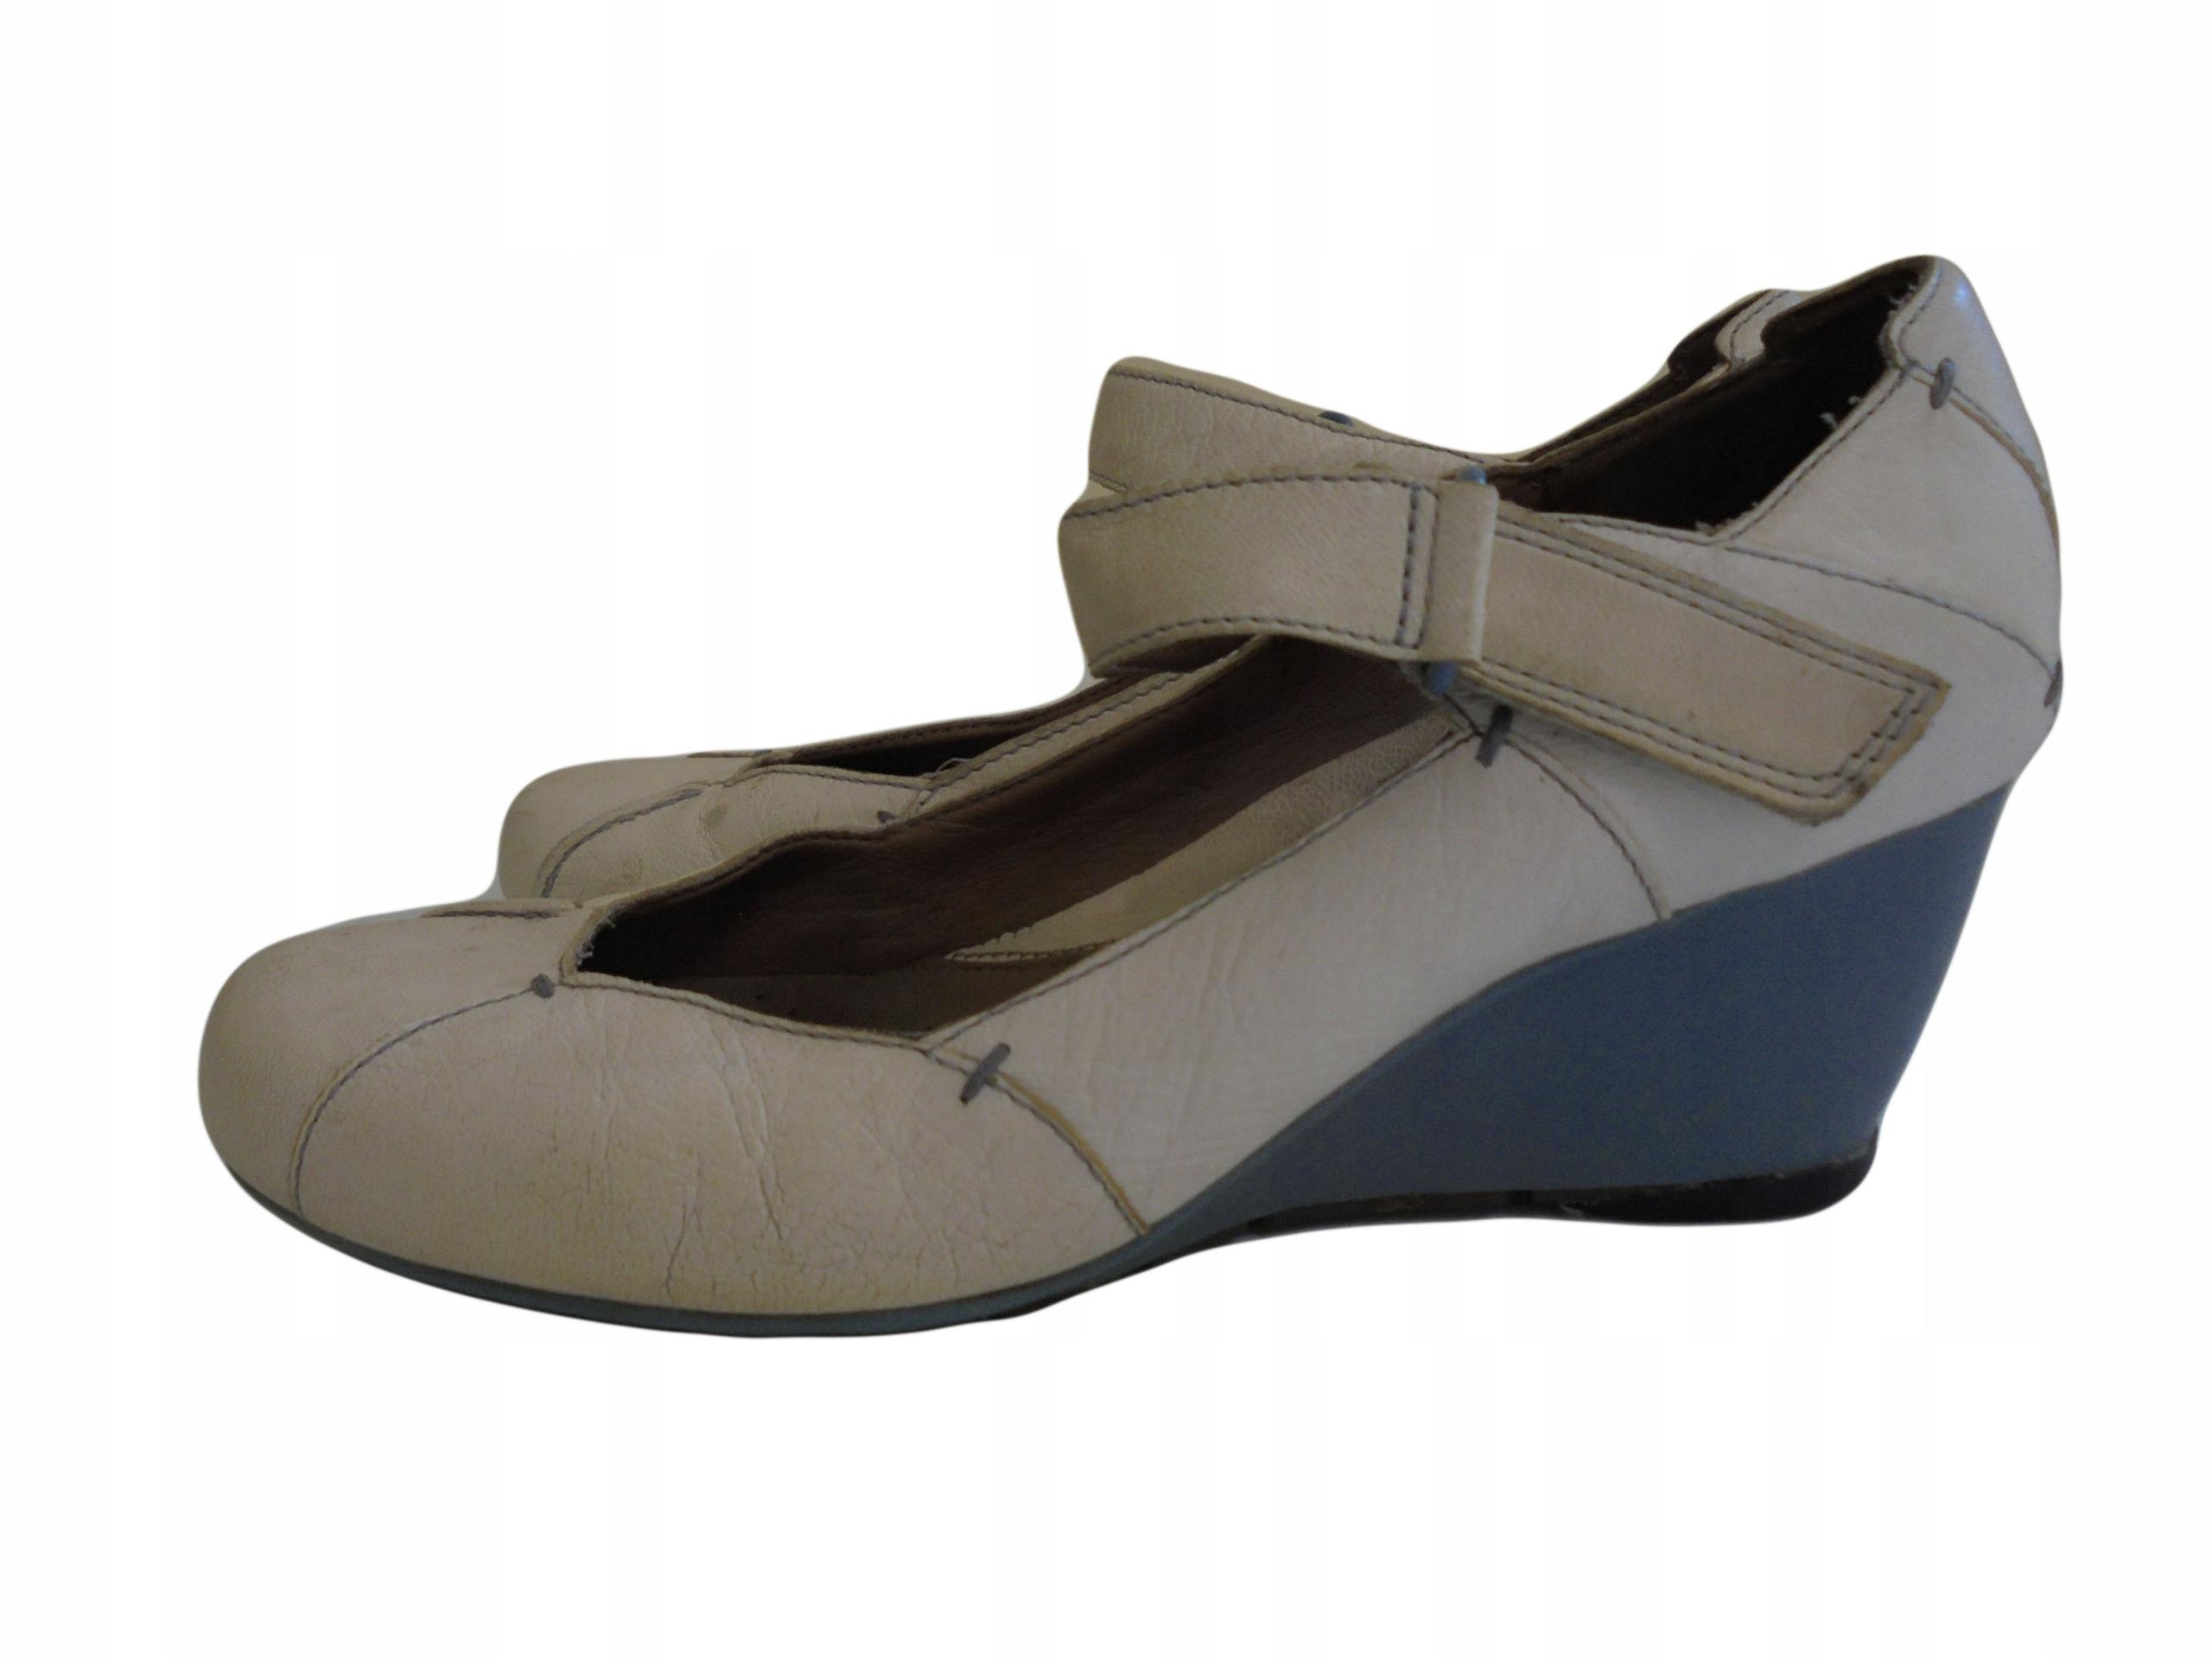 Skórzane buty firmy Clarks. Rozmiar 38.